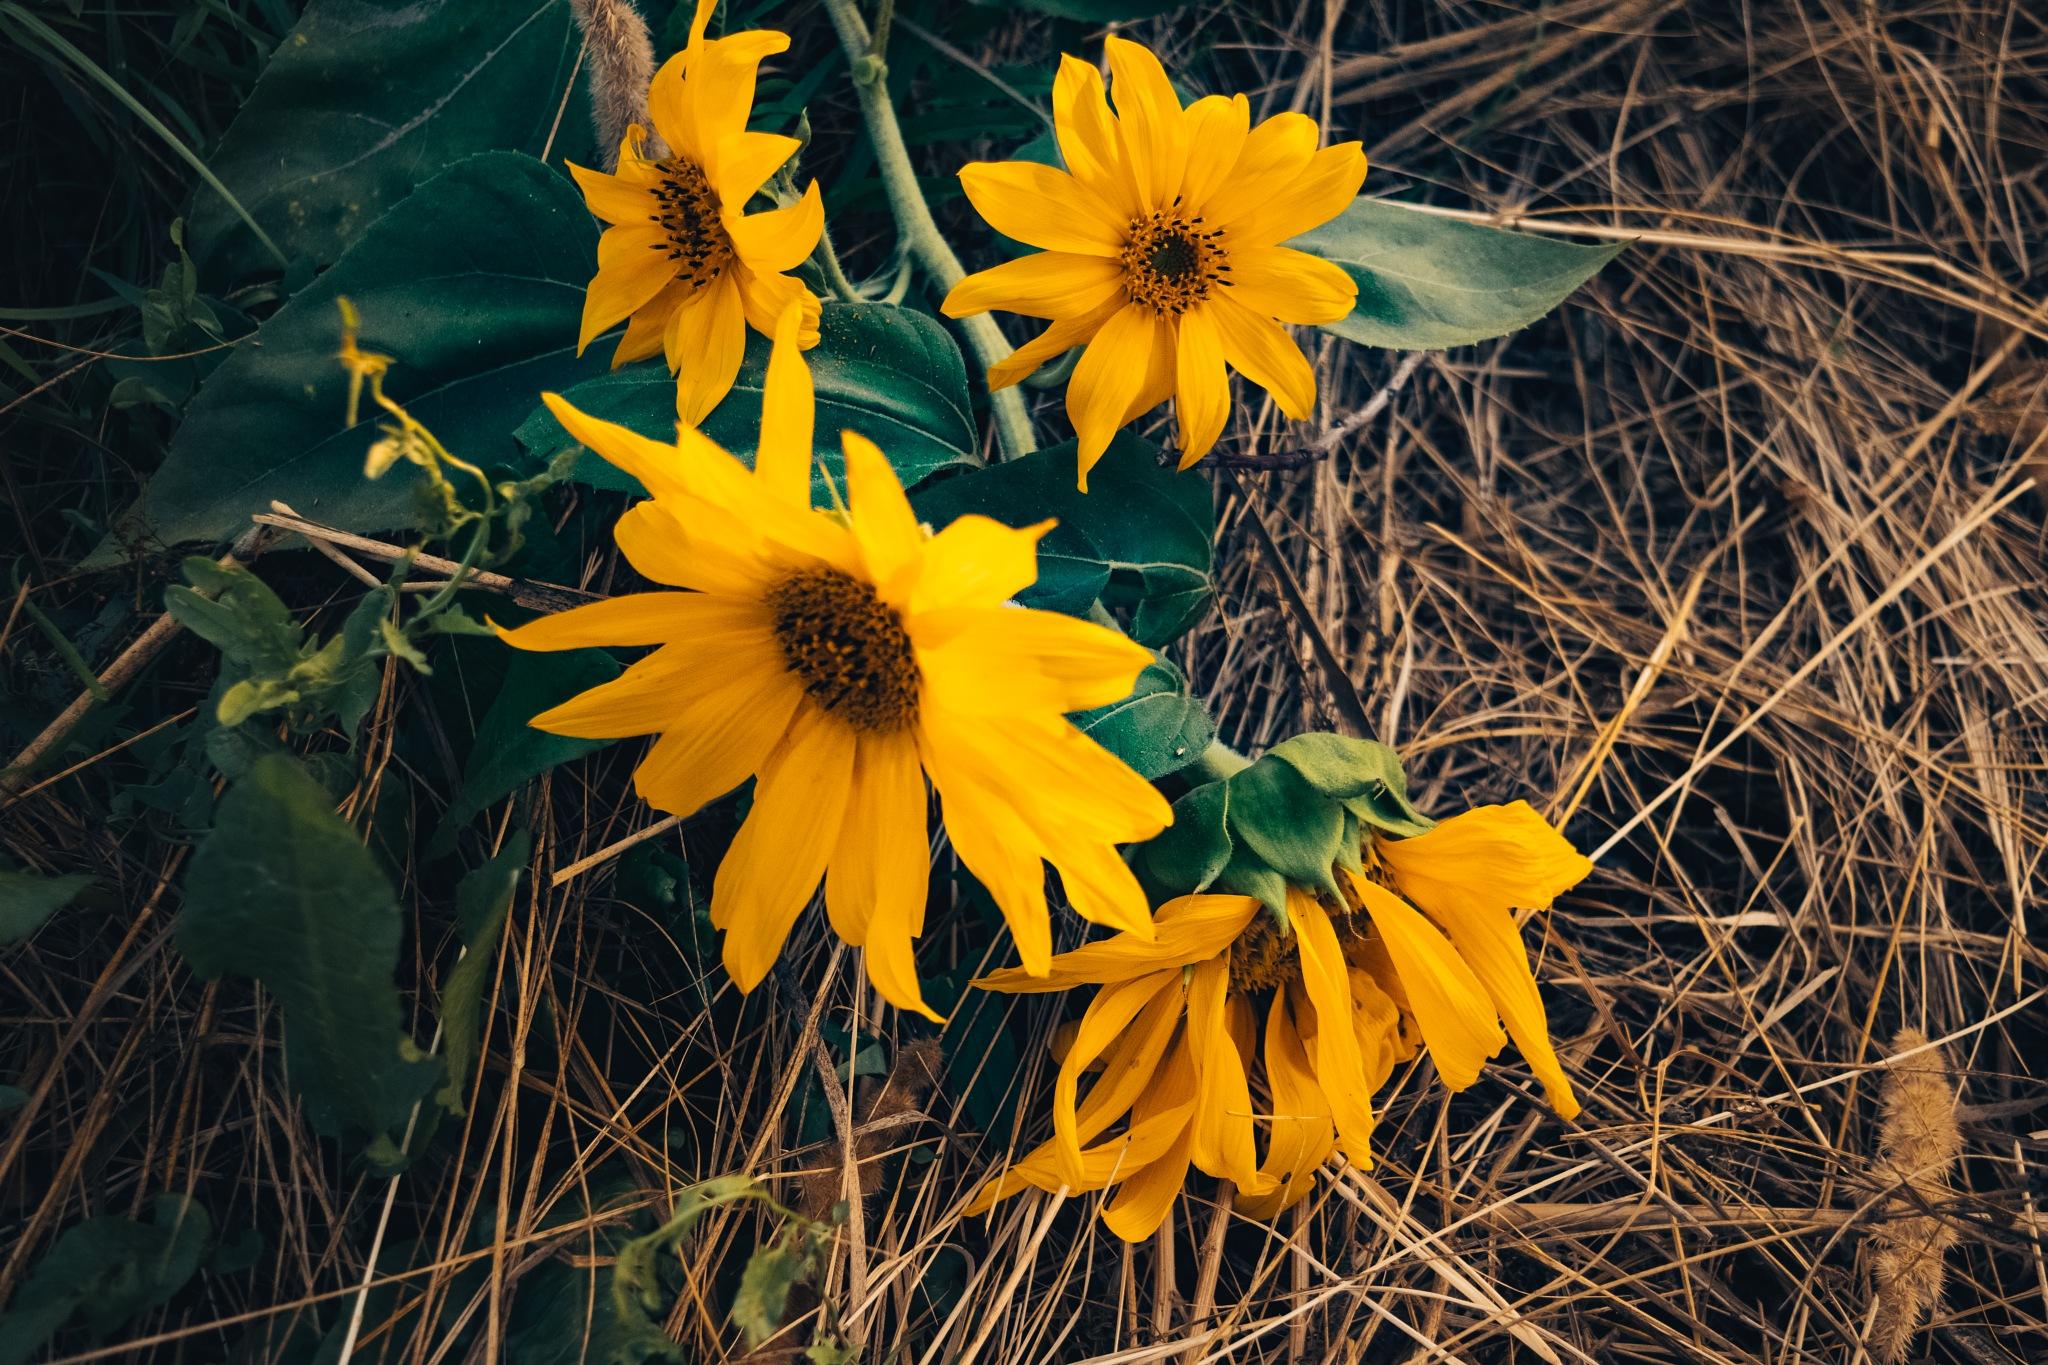 Sun flower by omid mozaffari